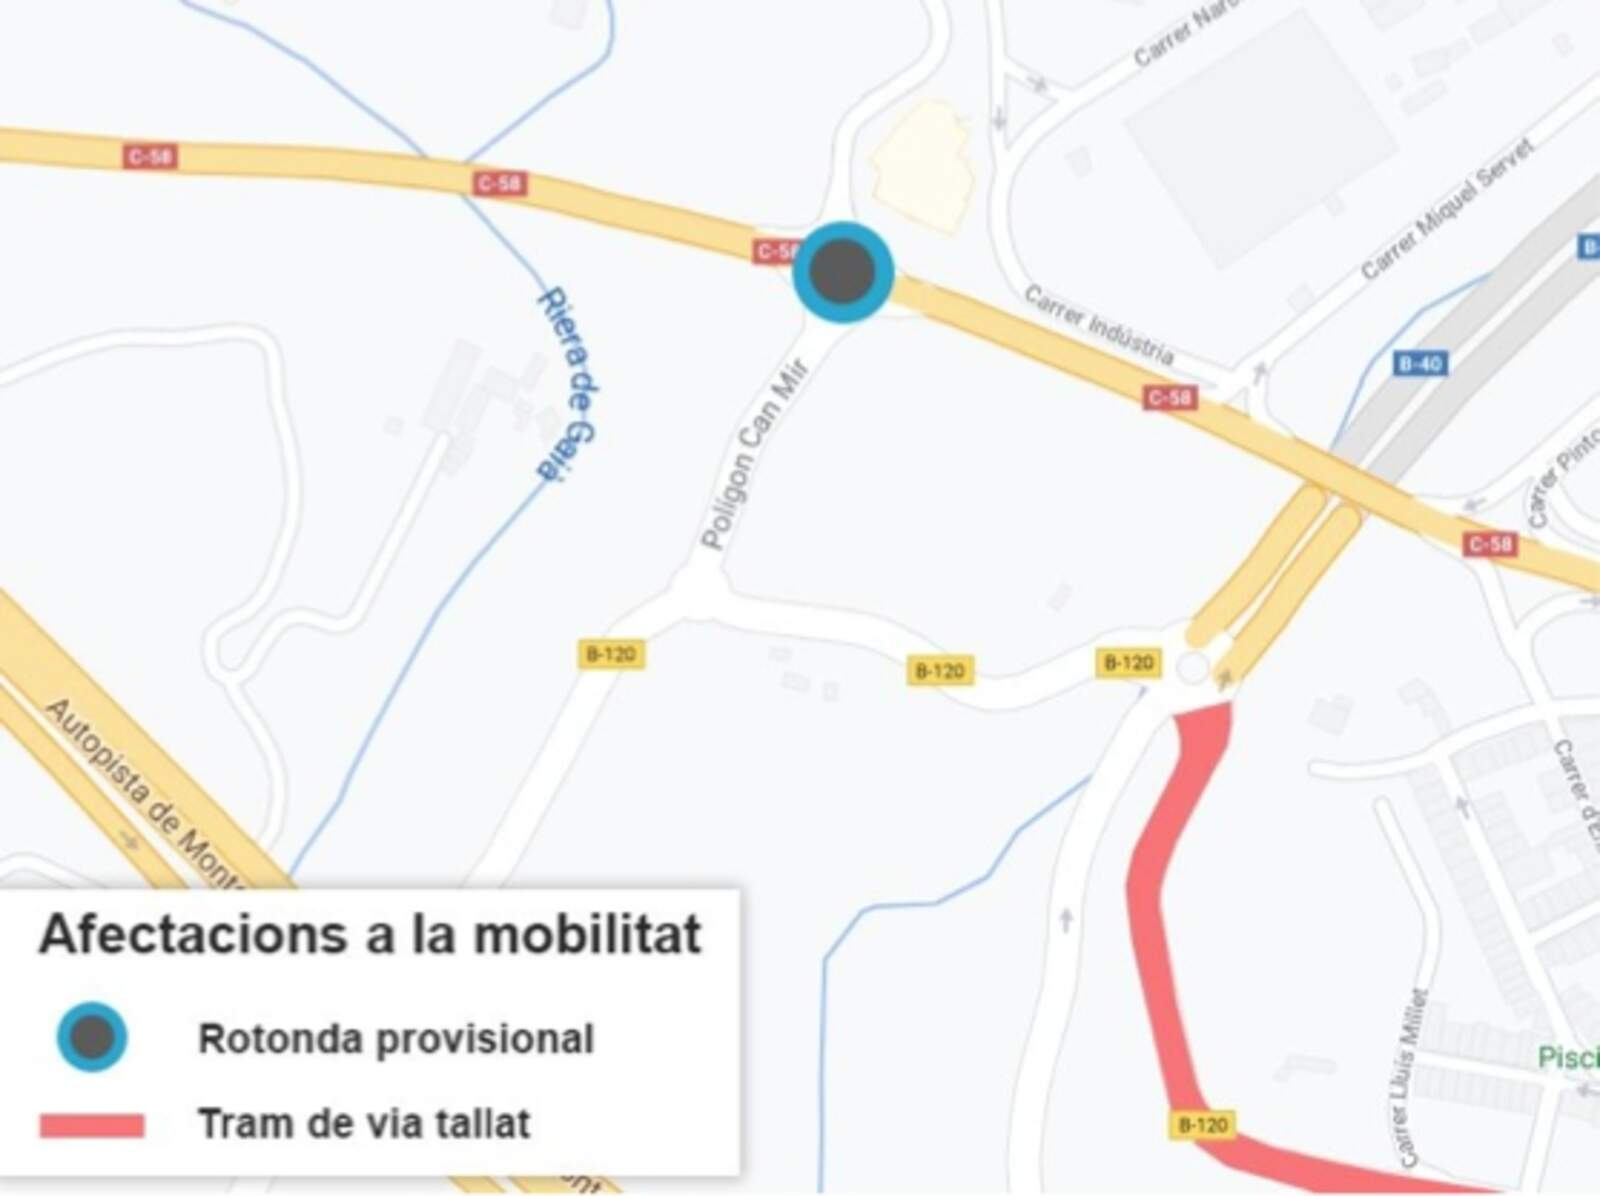 Mapa amb les afectacions